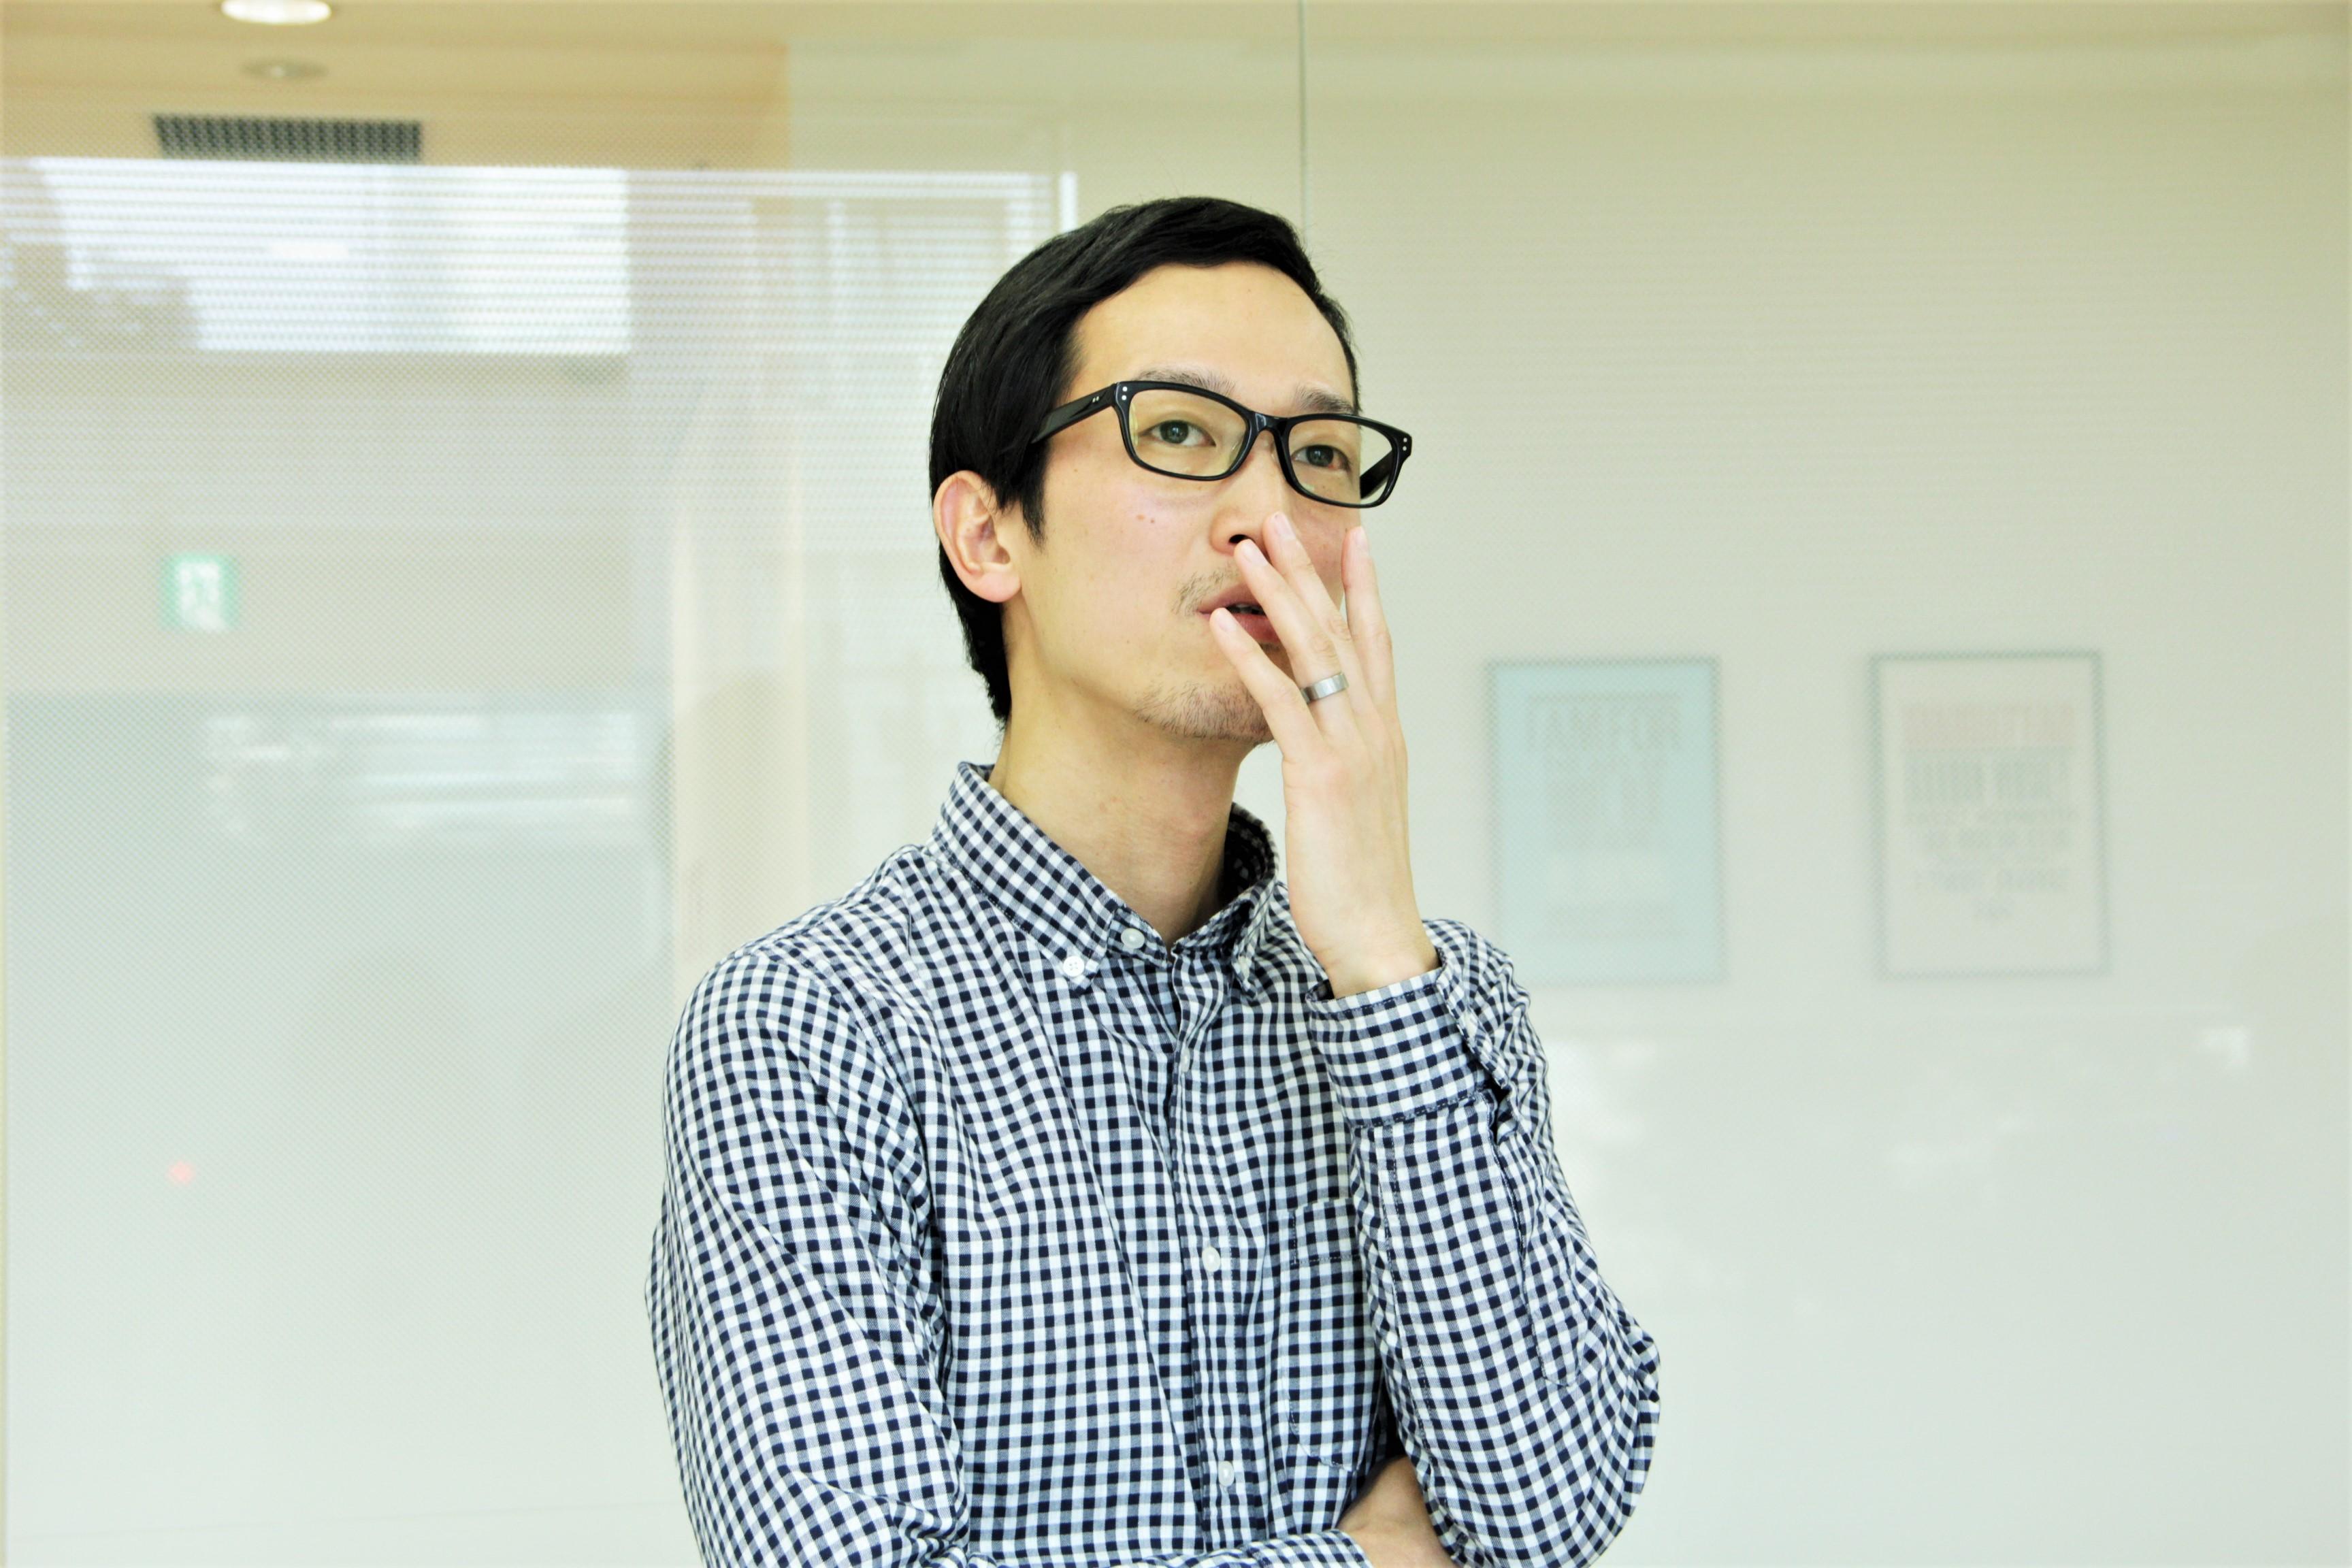 日本が誇る「オナニーの申し子」にして、TENGAヘルスケア取締役の佐藤さんにオナニーから妊活まで真面目に聞いてきた【後編】